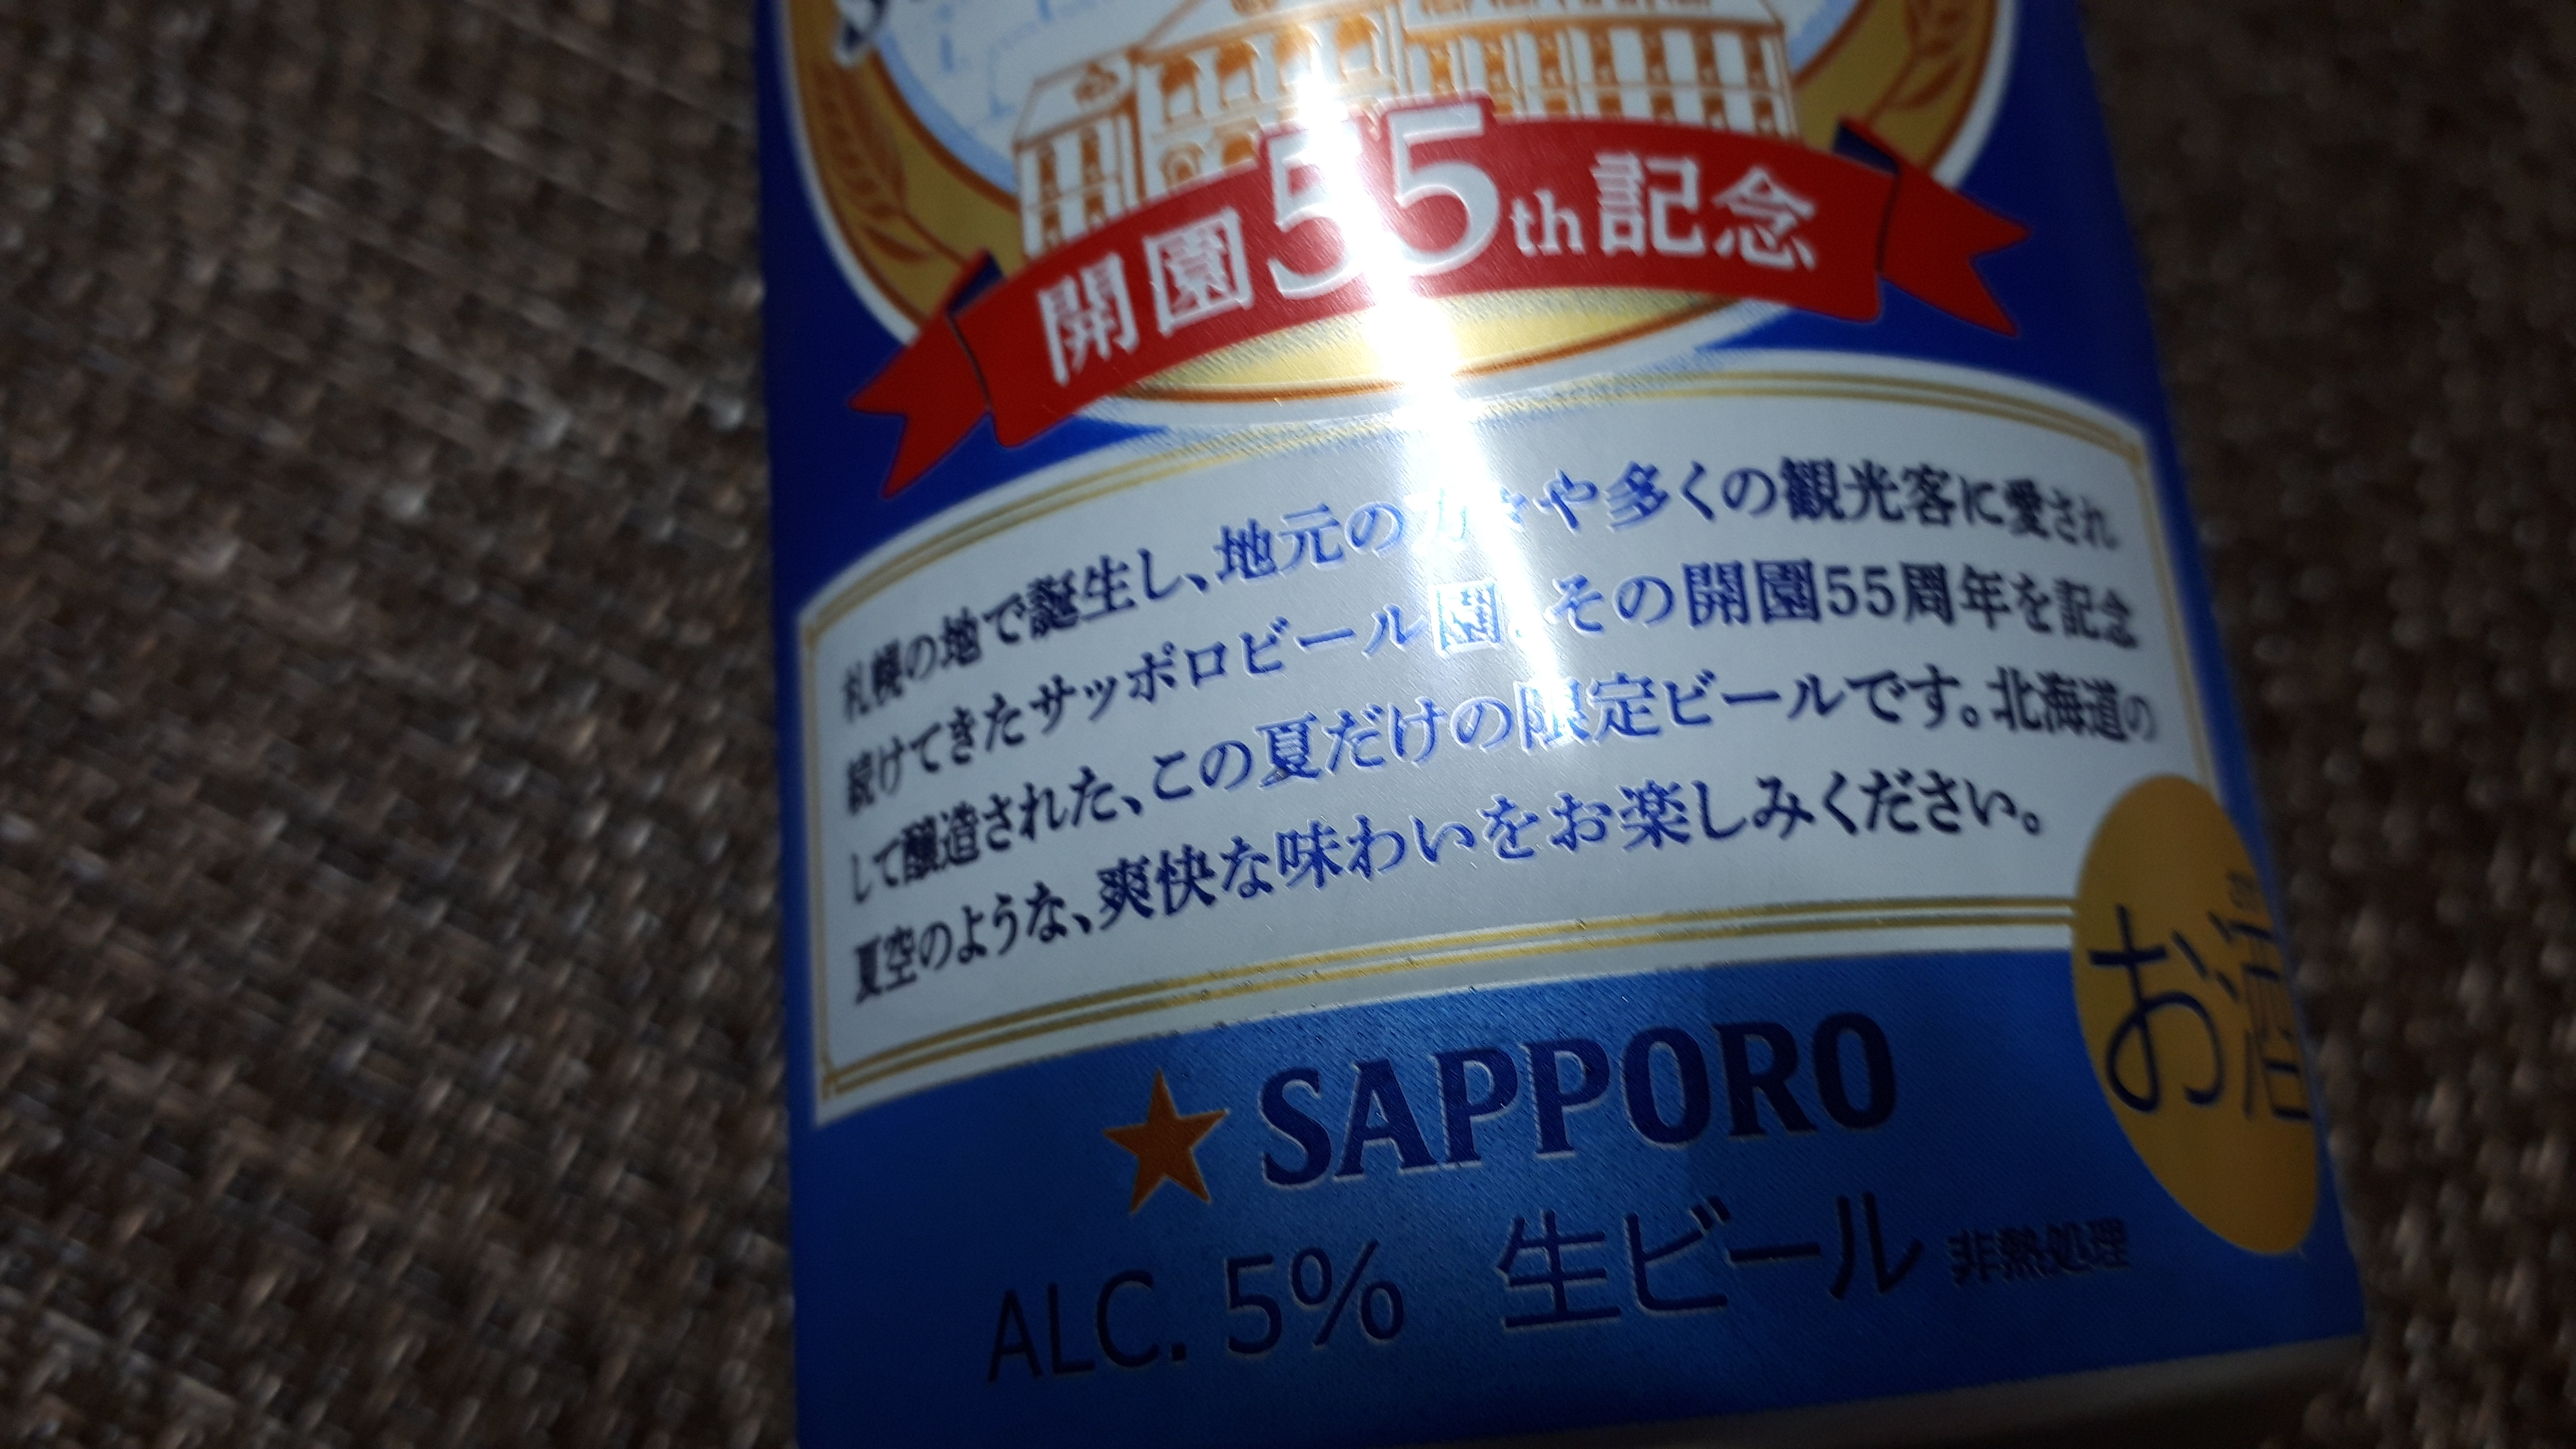 サッポロビール園 サマーピルスの外見(オリジナル写真)